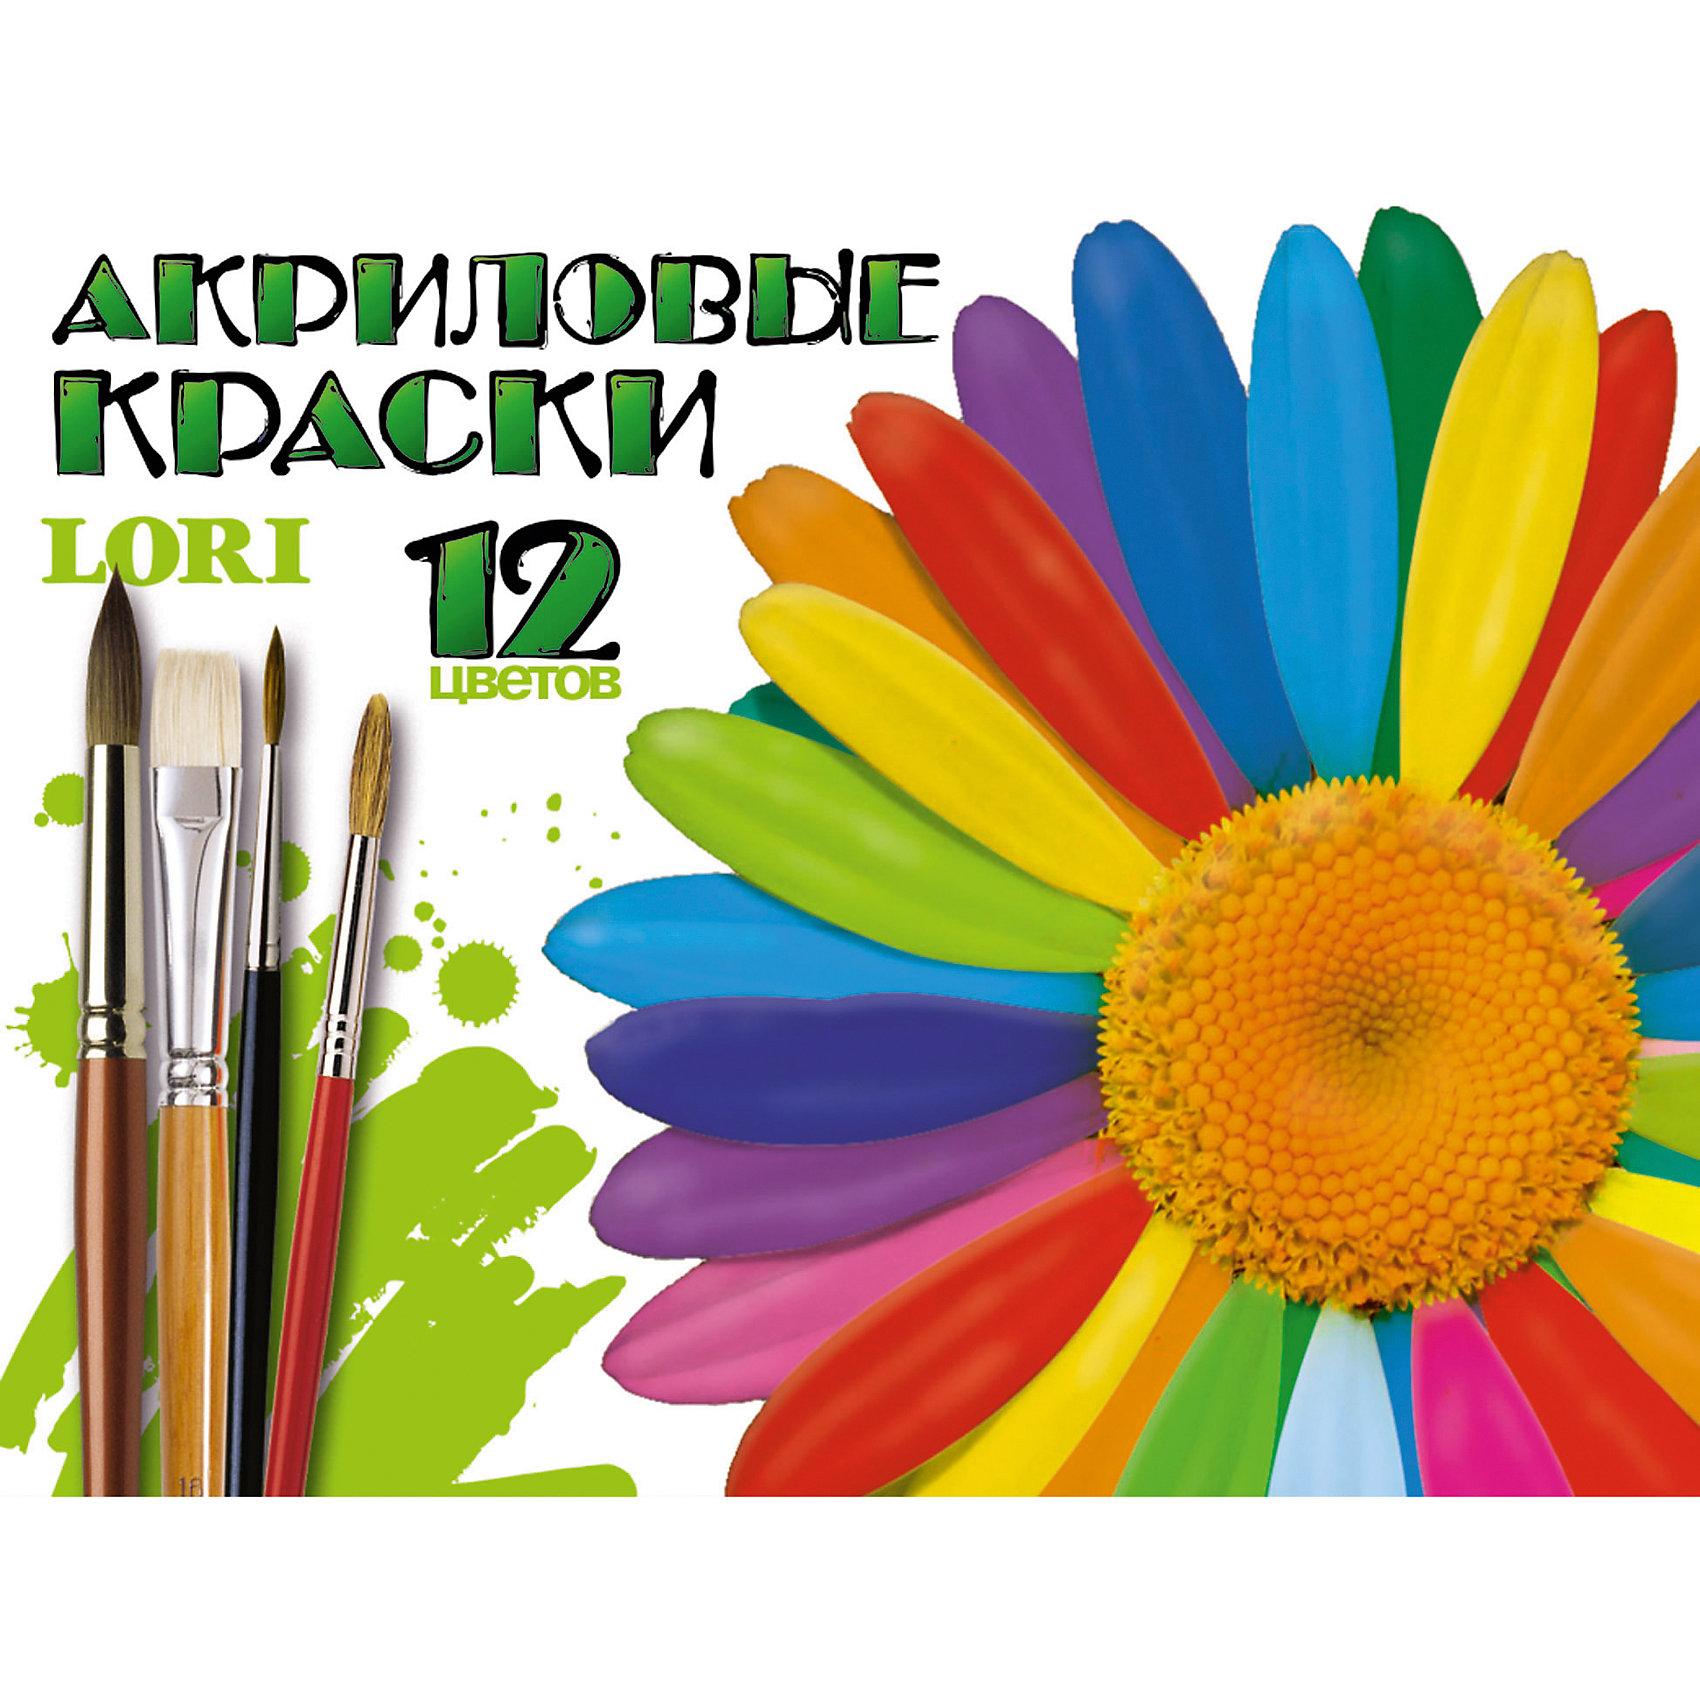 Краски акриловые, 12 цветов, LORIРисование<br>Краски акриловые, 12 цв. - это качественный набор для детского творчества и декоративно-оформительских работ.<br>Набор акриловых красок — отличный способ развить творческие способности ребенка. Краски имеют насыщенные цвета, ложатся ровным слоем на бумаге, не тускнеют со временем, не теряют яркости и легко удаляются с рук,. Они наносятся на бумагу, холст, дерево, стекло, металл, пластик, кожу, ткань, керамику, пластилин, глину и используются для создания коллажей, как цветной клей и фон-основа для аппликаций. В процессе рисования у детей развивается творческие навыки, мелкая моторика рук, воображение и художественный вкус.<br><br>Дополнительная информация:<br><br>- В наборе: краски 12 цветов в баночках по 20 мл.<br>- Цвета: белый, желтый, красный, черный, синий, зеленый, коричневый, сиреневый, бирюзовый, малиновый, оранжевый, салатовый<br>- Упаковка: картонная коробка<br>- Размер упаковки: 12,5 х 16 х 4 см.<br>- Вес: 340 гр.<br><br>Краски акриловые, 12 цв. можно купить в нашем интернет-магазине.<br><br>Ширина мм: 125<br>Глубина мм: 160<br>Высота мм: 40<br>Вес г: 340<br>Возраст от месяцев: 36<br>Возраст до месяцев: 144<br>Пол: Унисекс<br>Возраст: Детский<br>SKU: 4249892